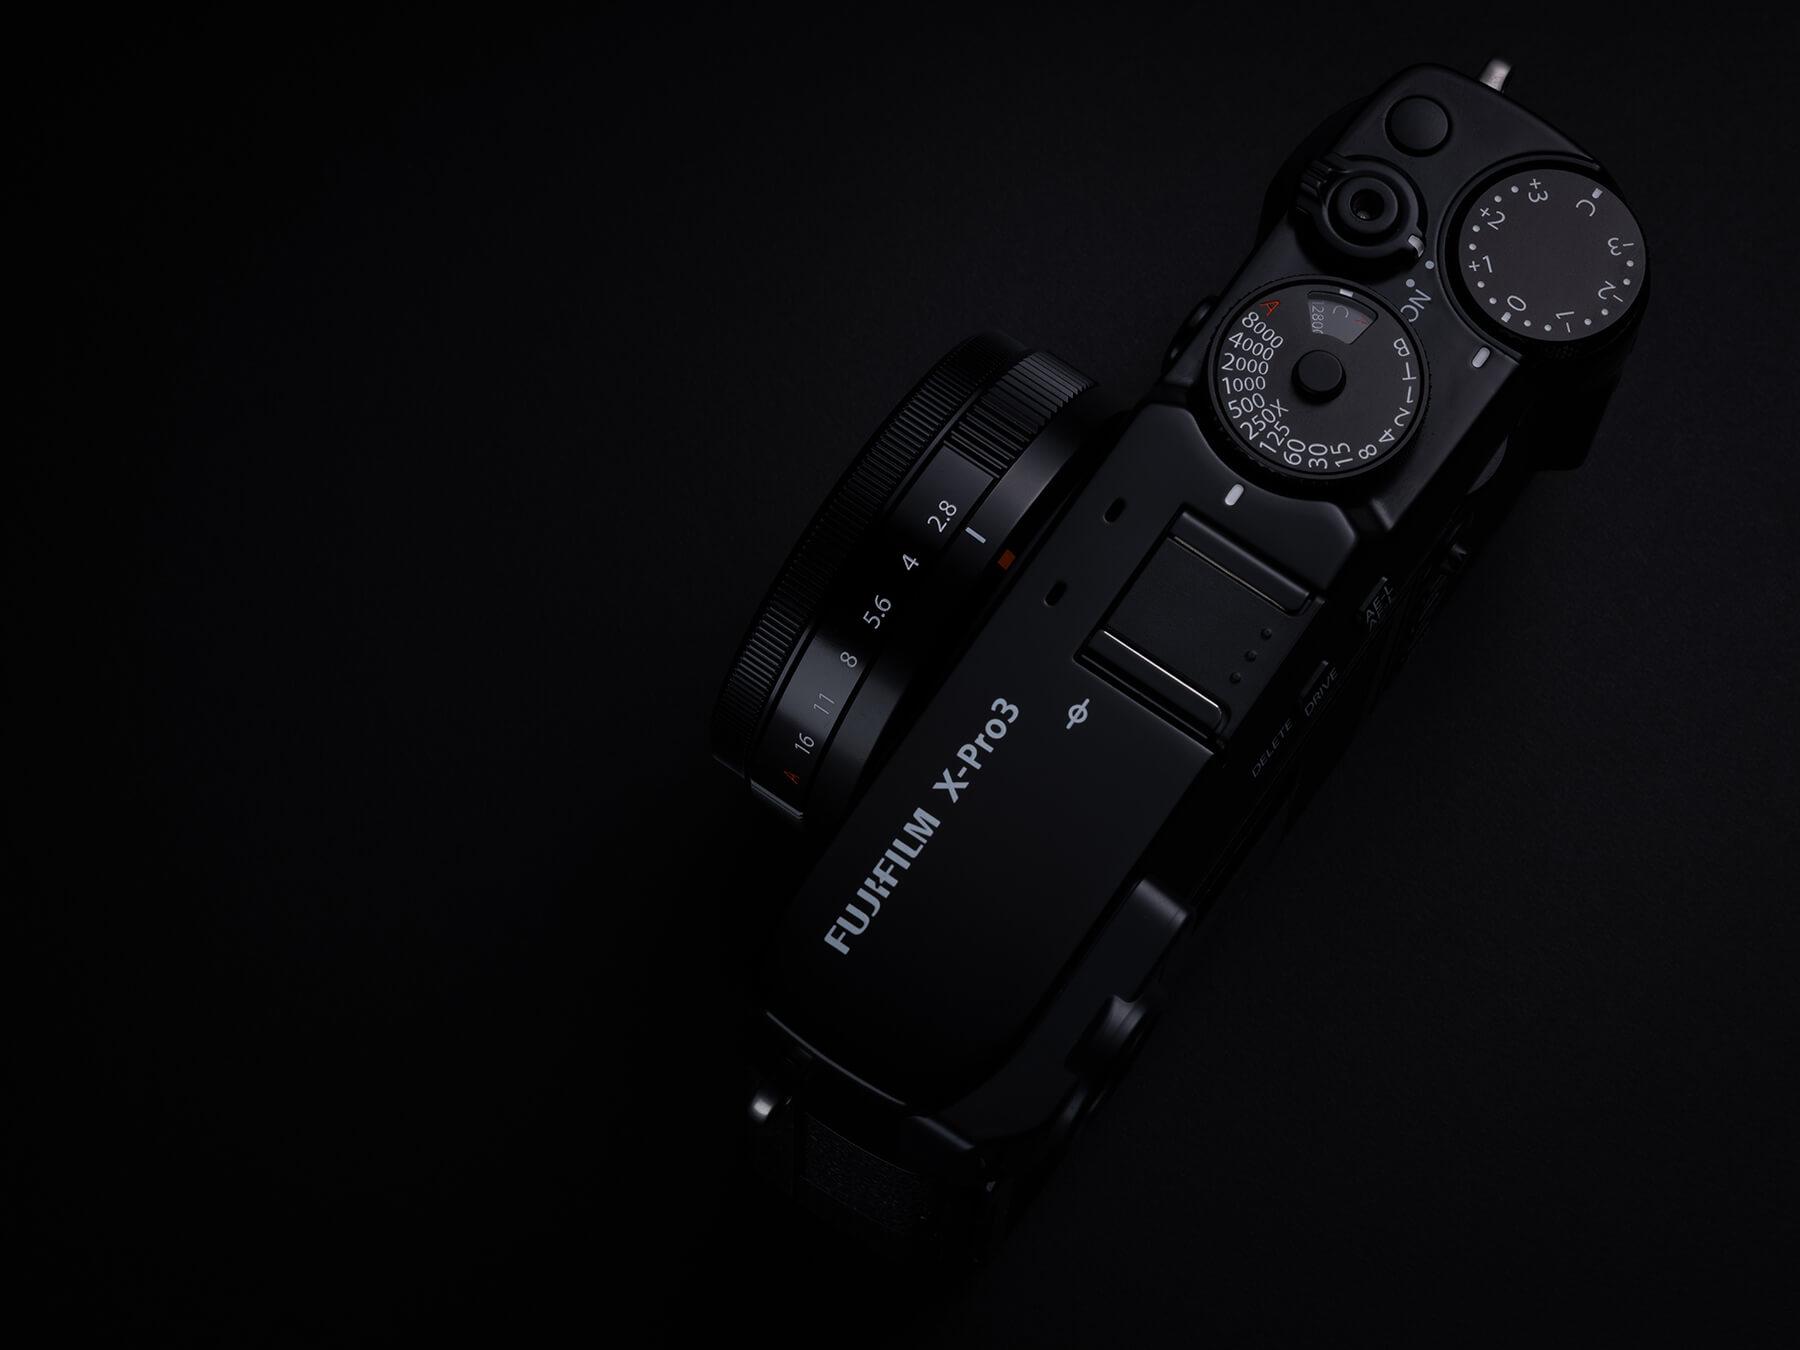 Fujifilm XF27mm f/2.8 R WR